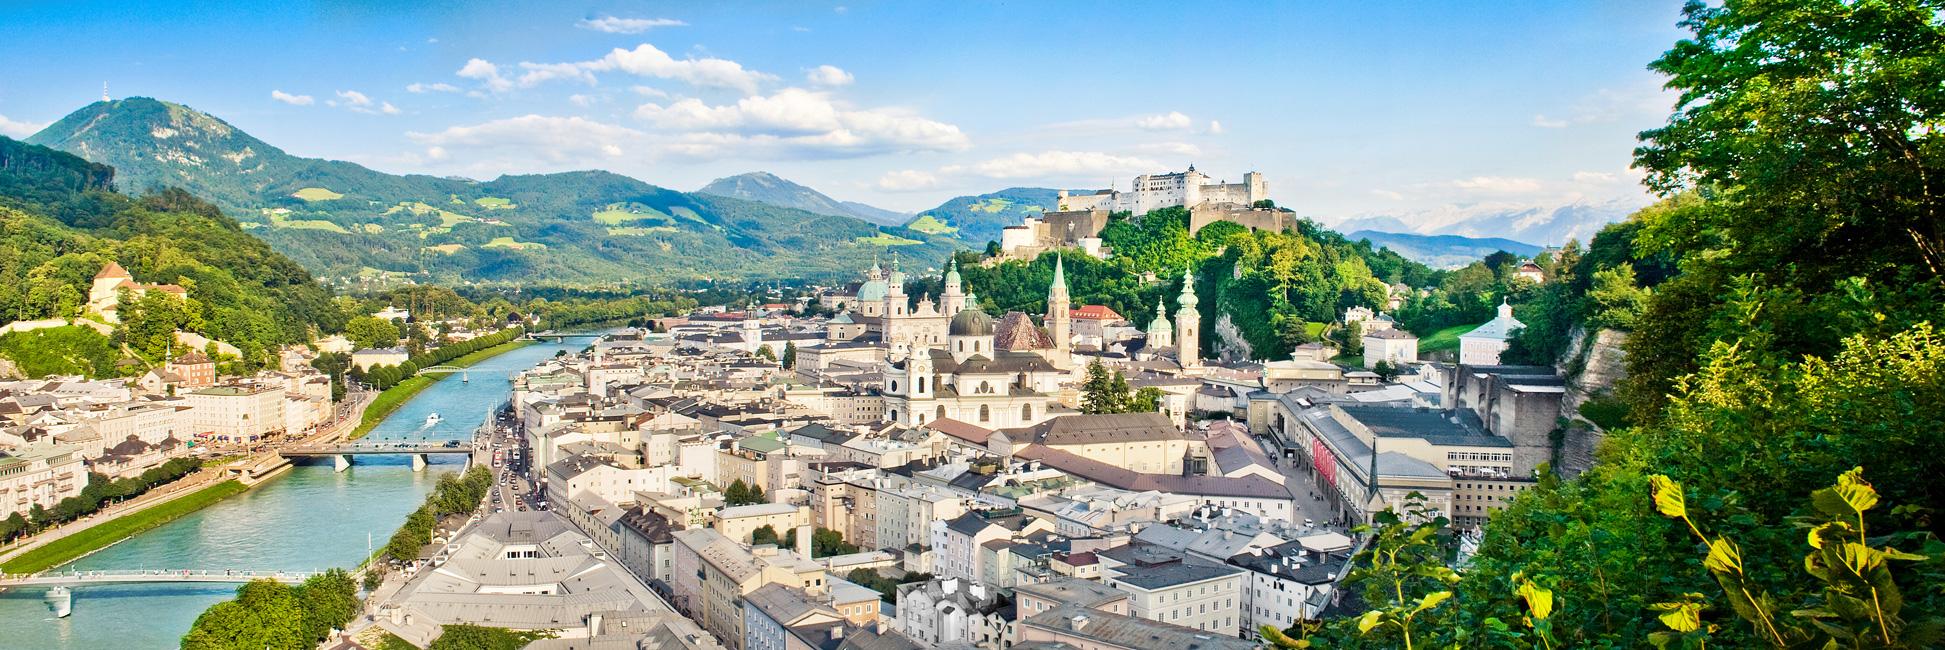 Hotel Gasthof zur Post Festspiele Salzburg